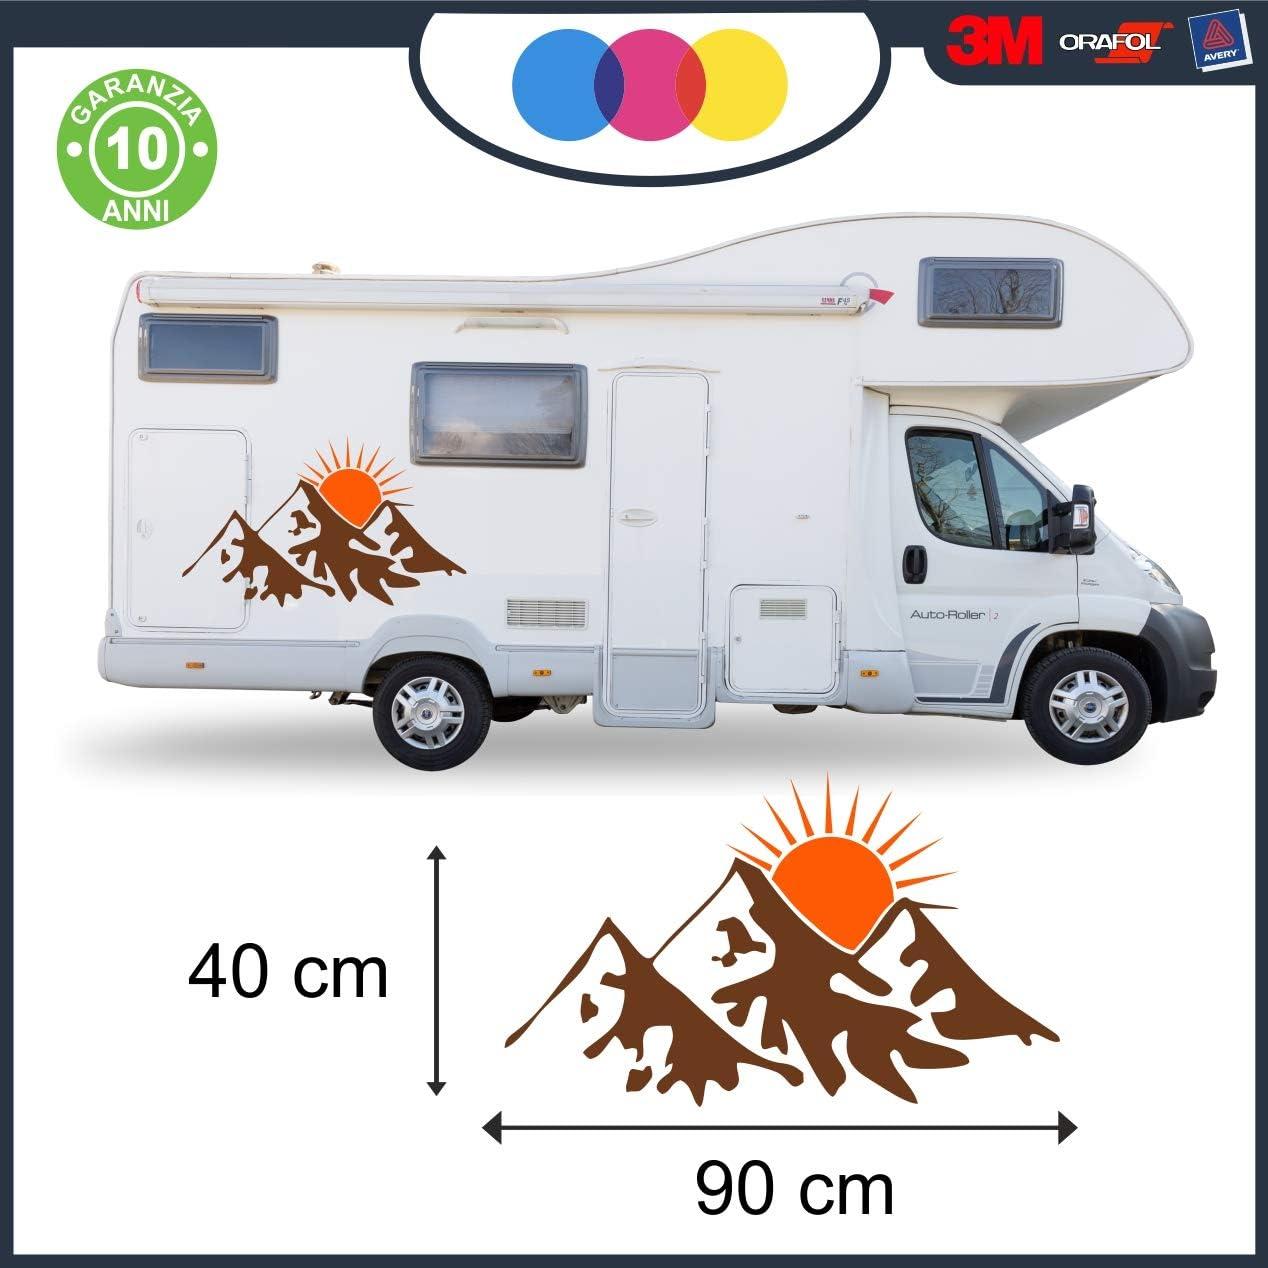 mural stickers Decacolmania Aufkleber für Wohnwagen, Motiv Landschaft  Sonnenuntergang – Aufkleber für Wohnwagen Caravan Komplett-Set aus